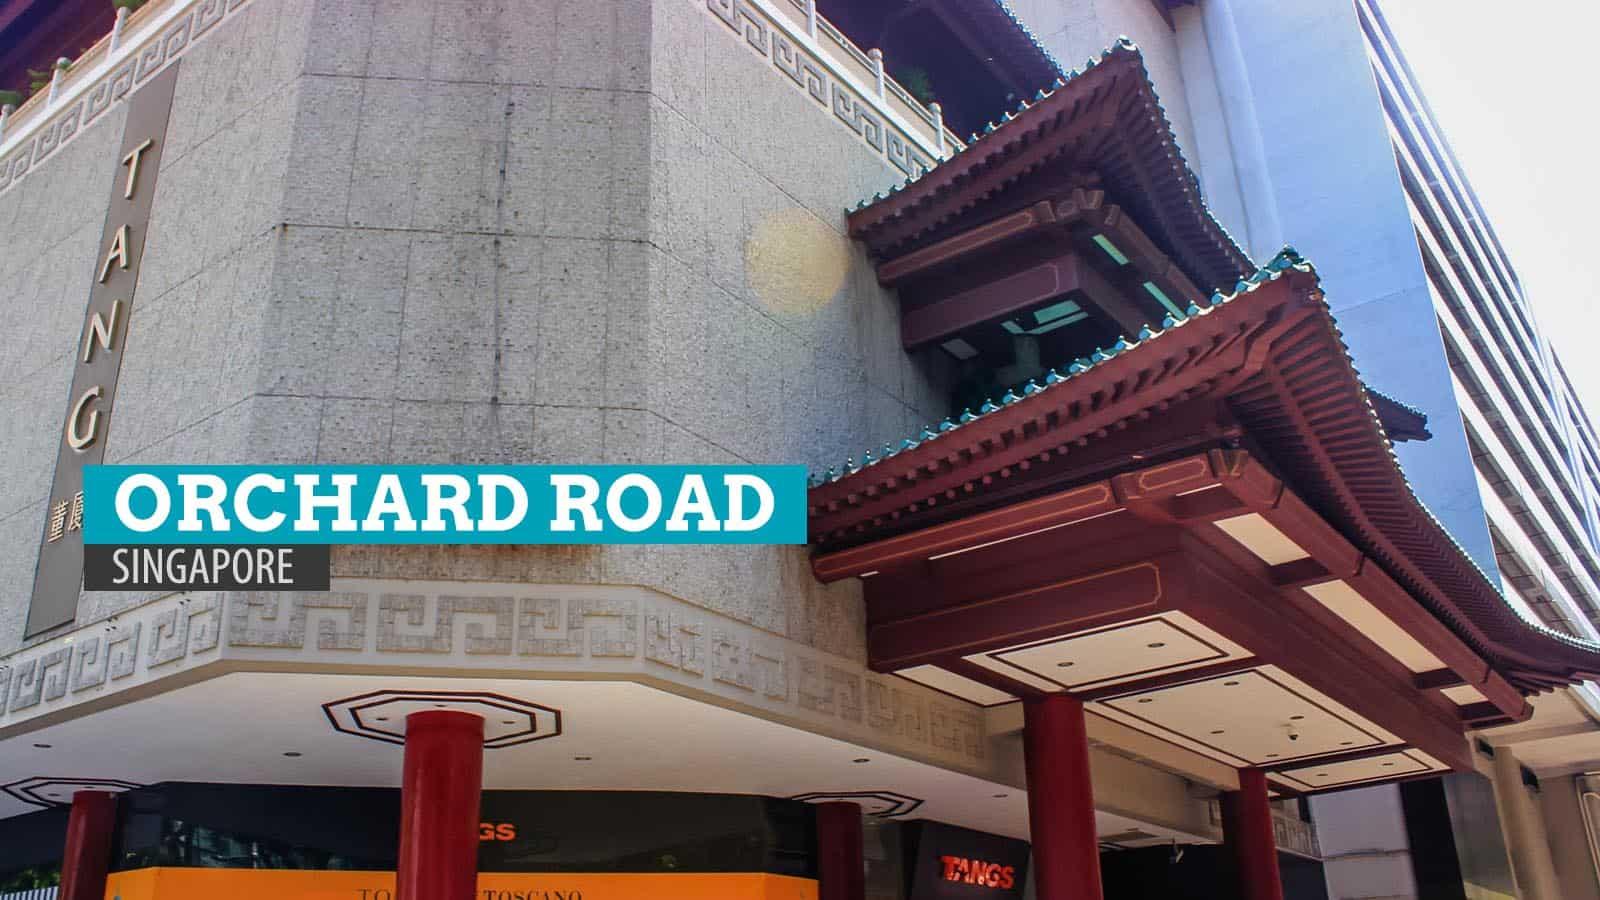 如何从小印度或中国城乘地铁到ORCHARD ROAD   穷游者的行程博客